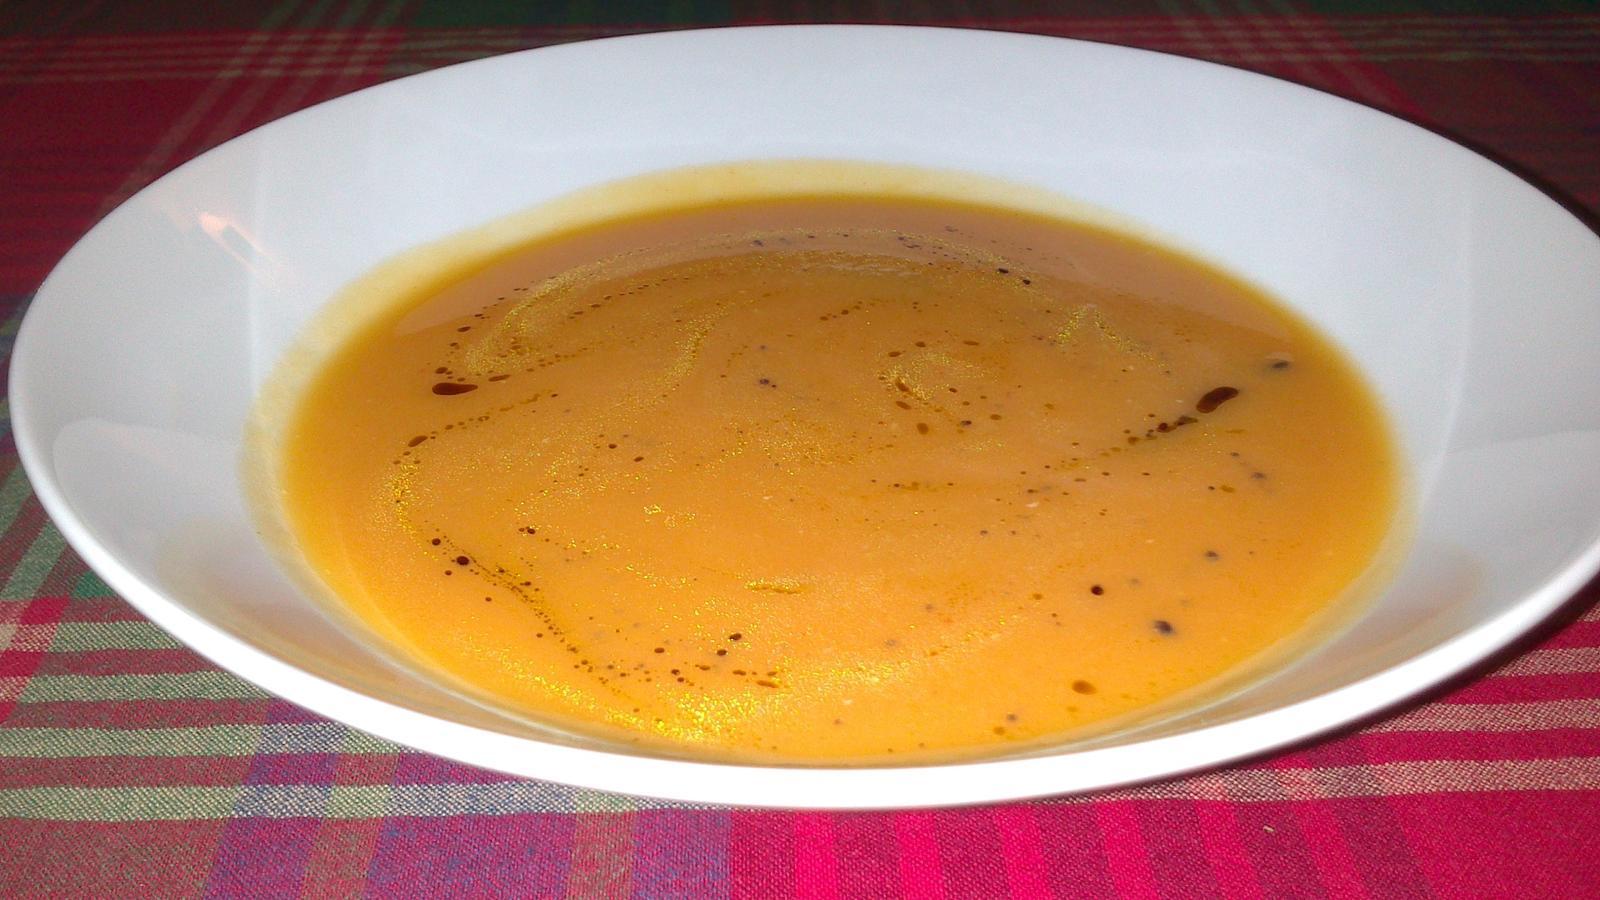 A občas i vařím... - Mrkev, petržel, batát, červená čočka, koření - uvařit, rozmixovat, přidat dýňový olej - skvělá a rychlá polévka :)